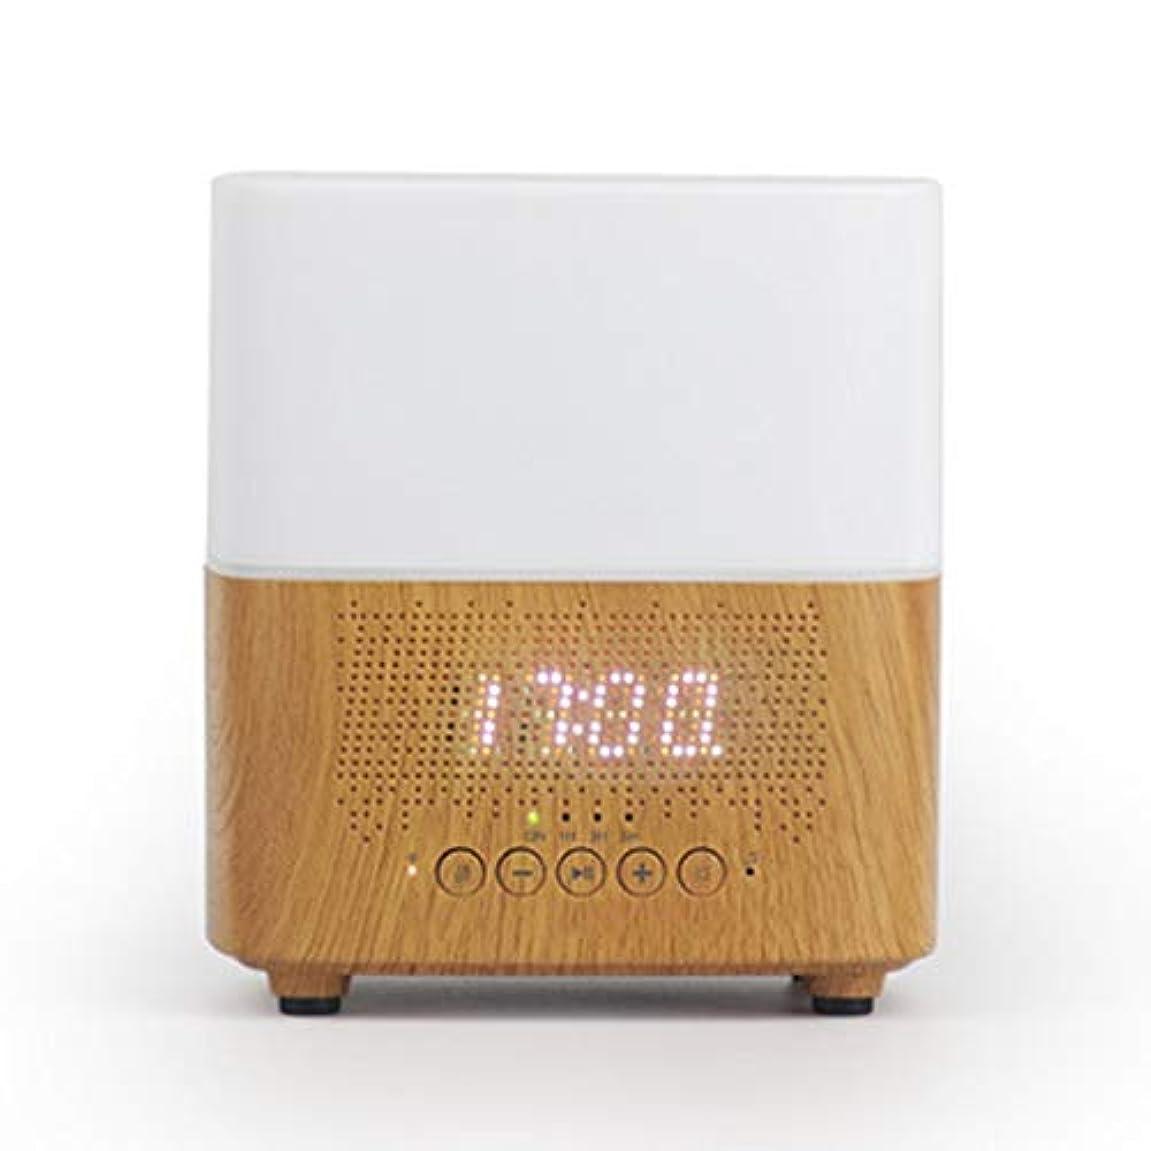 冷凍庫幅適切にブルートゥースのスピーカー機械LED時計の目覚まし時計の夜ライト加湿器 (Color : White)